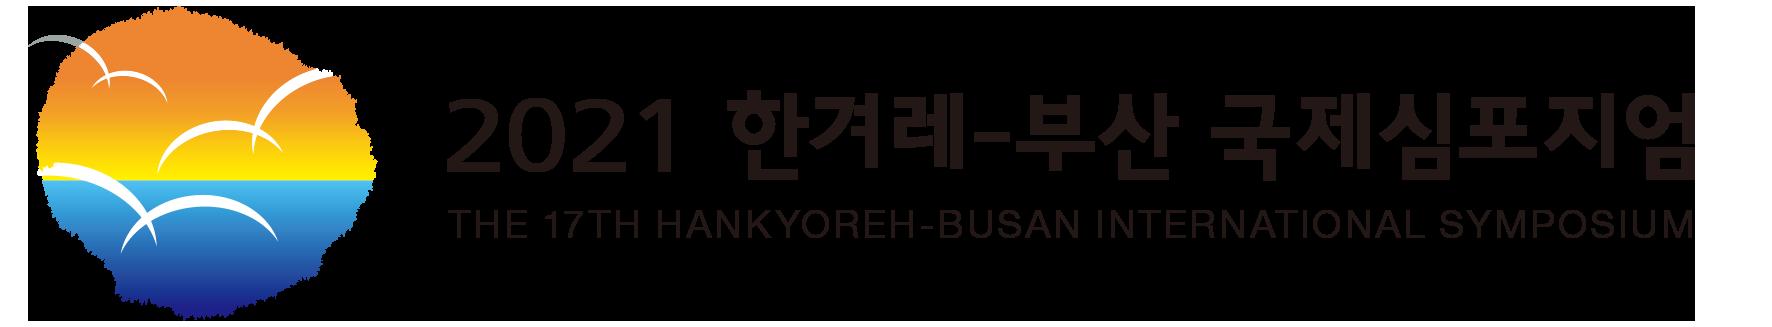 2021 한겨레-부산국제심포지엄